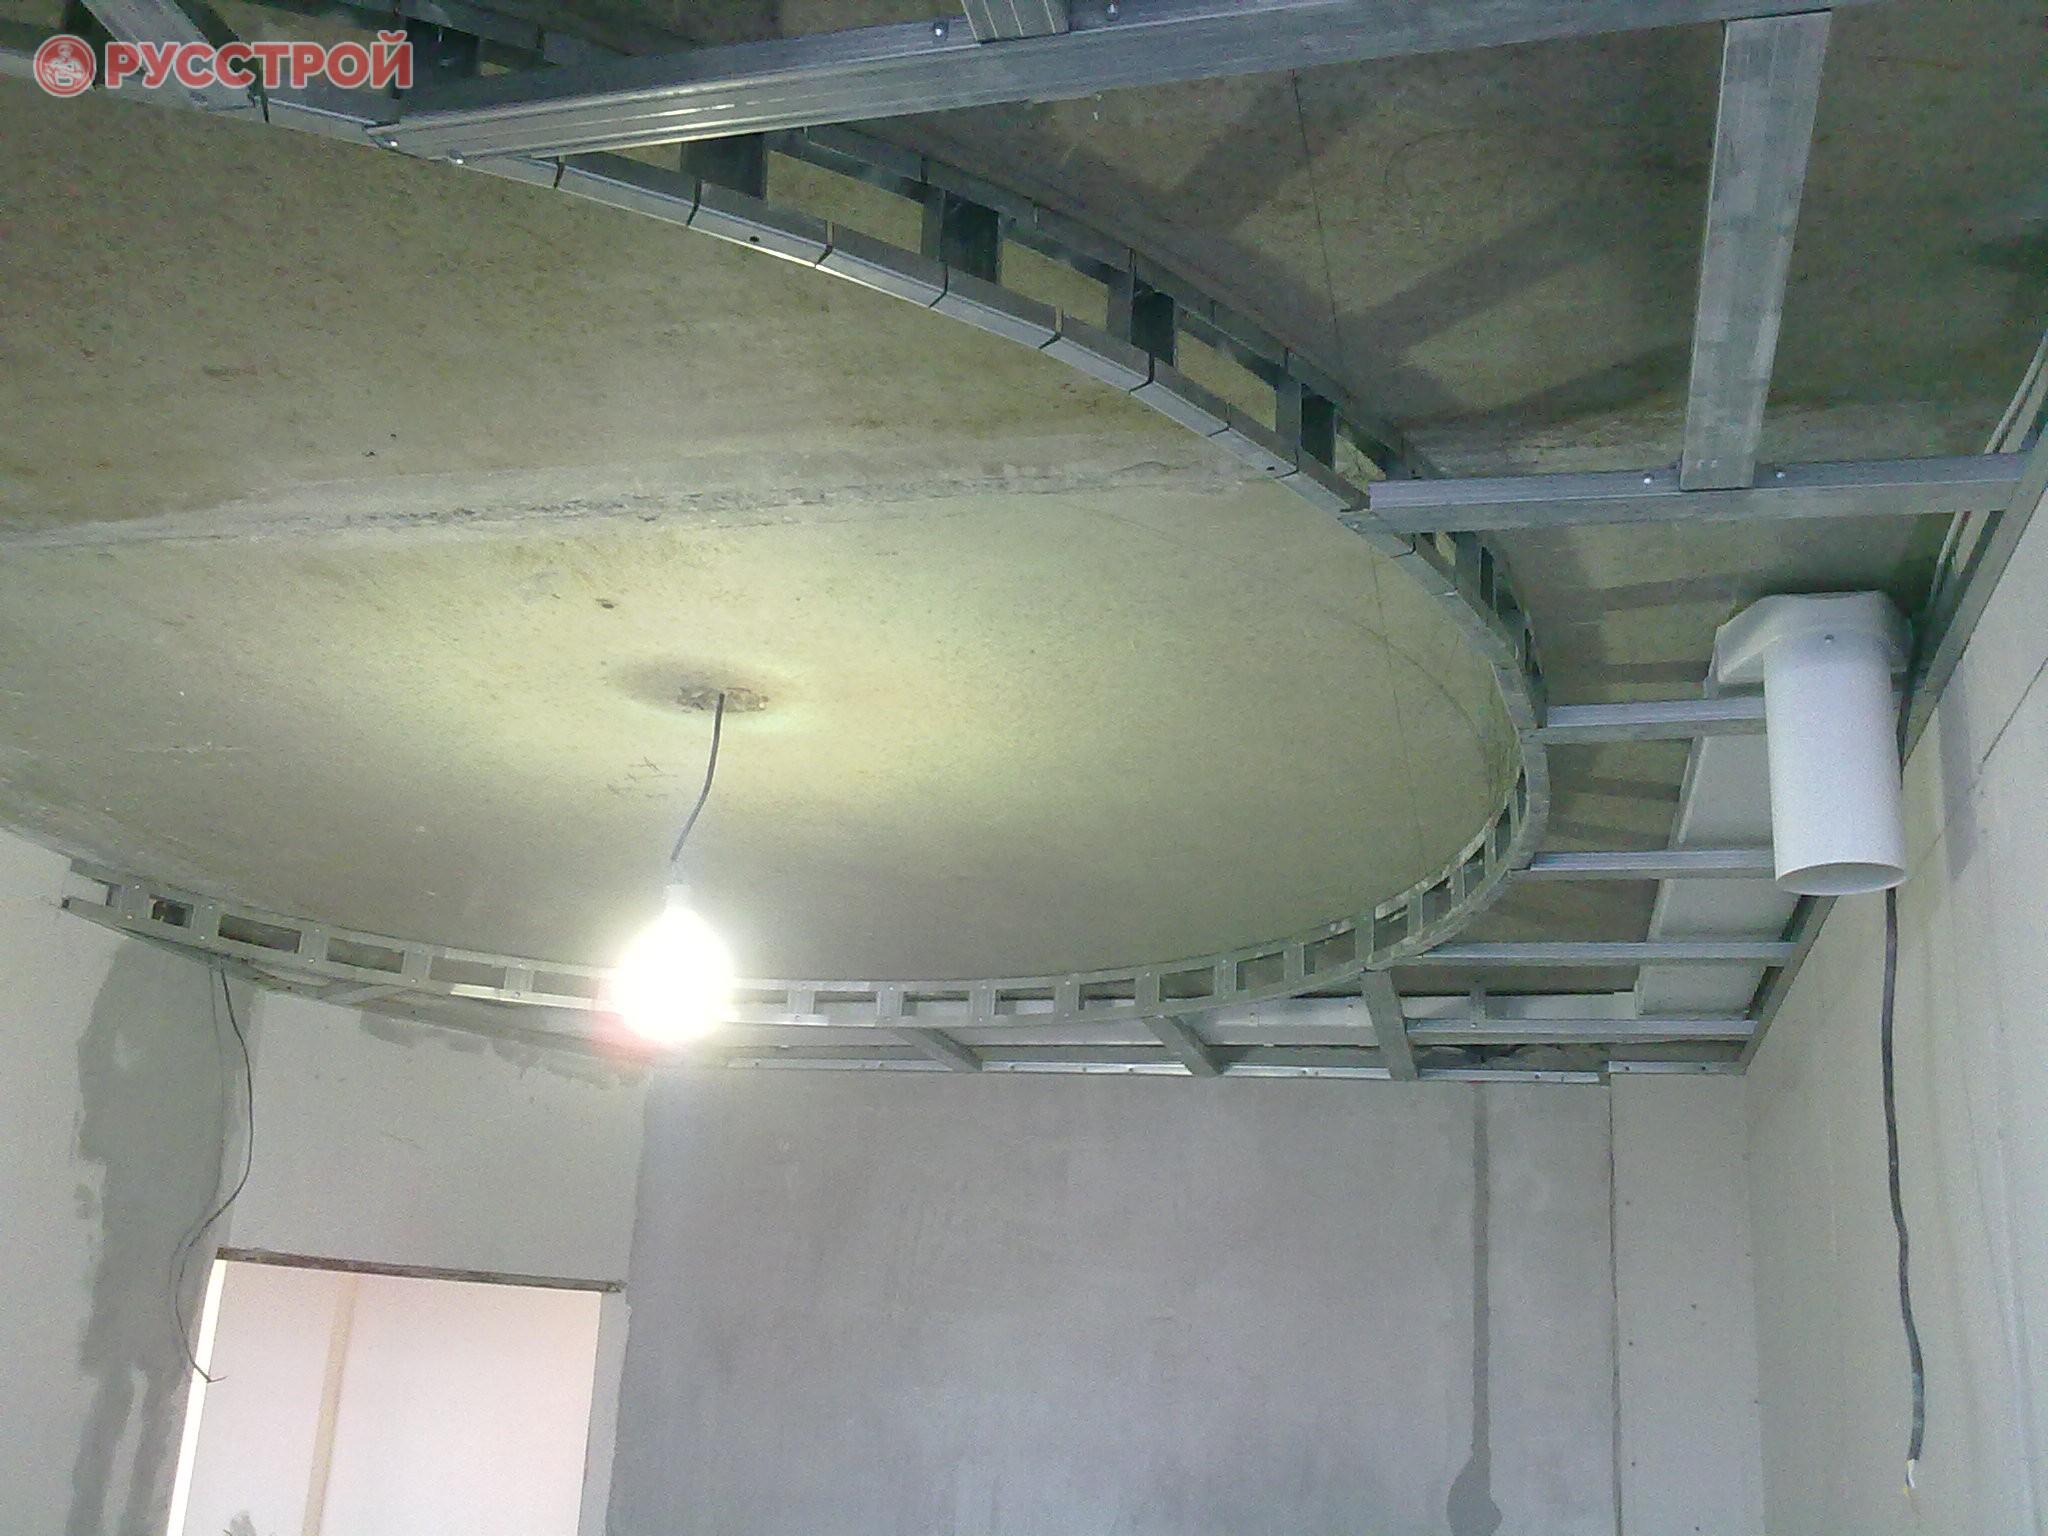 Монтаж металлического каркаса сложной формы на потолке для гипсокартона. Сделано ООО 'Русстрой' г. Калуга